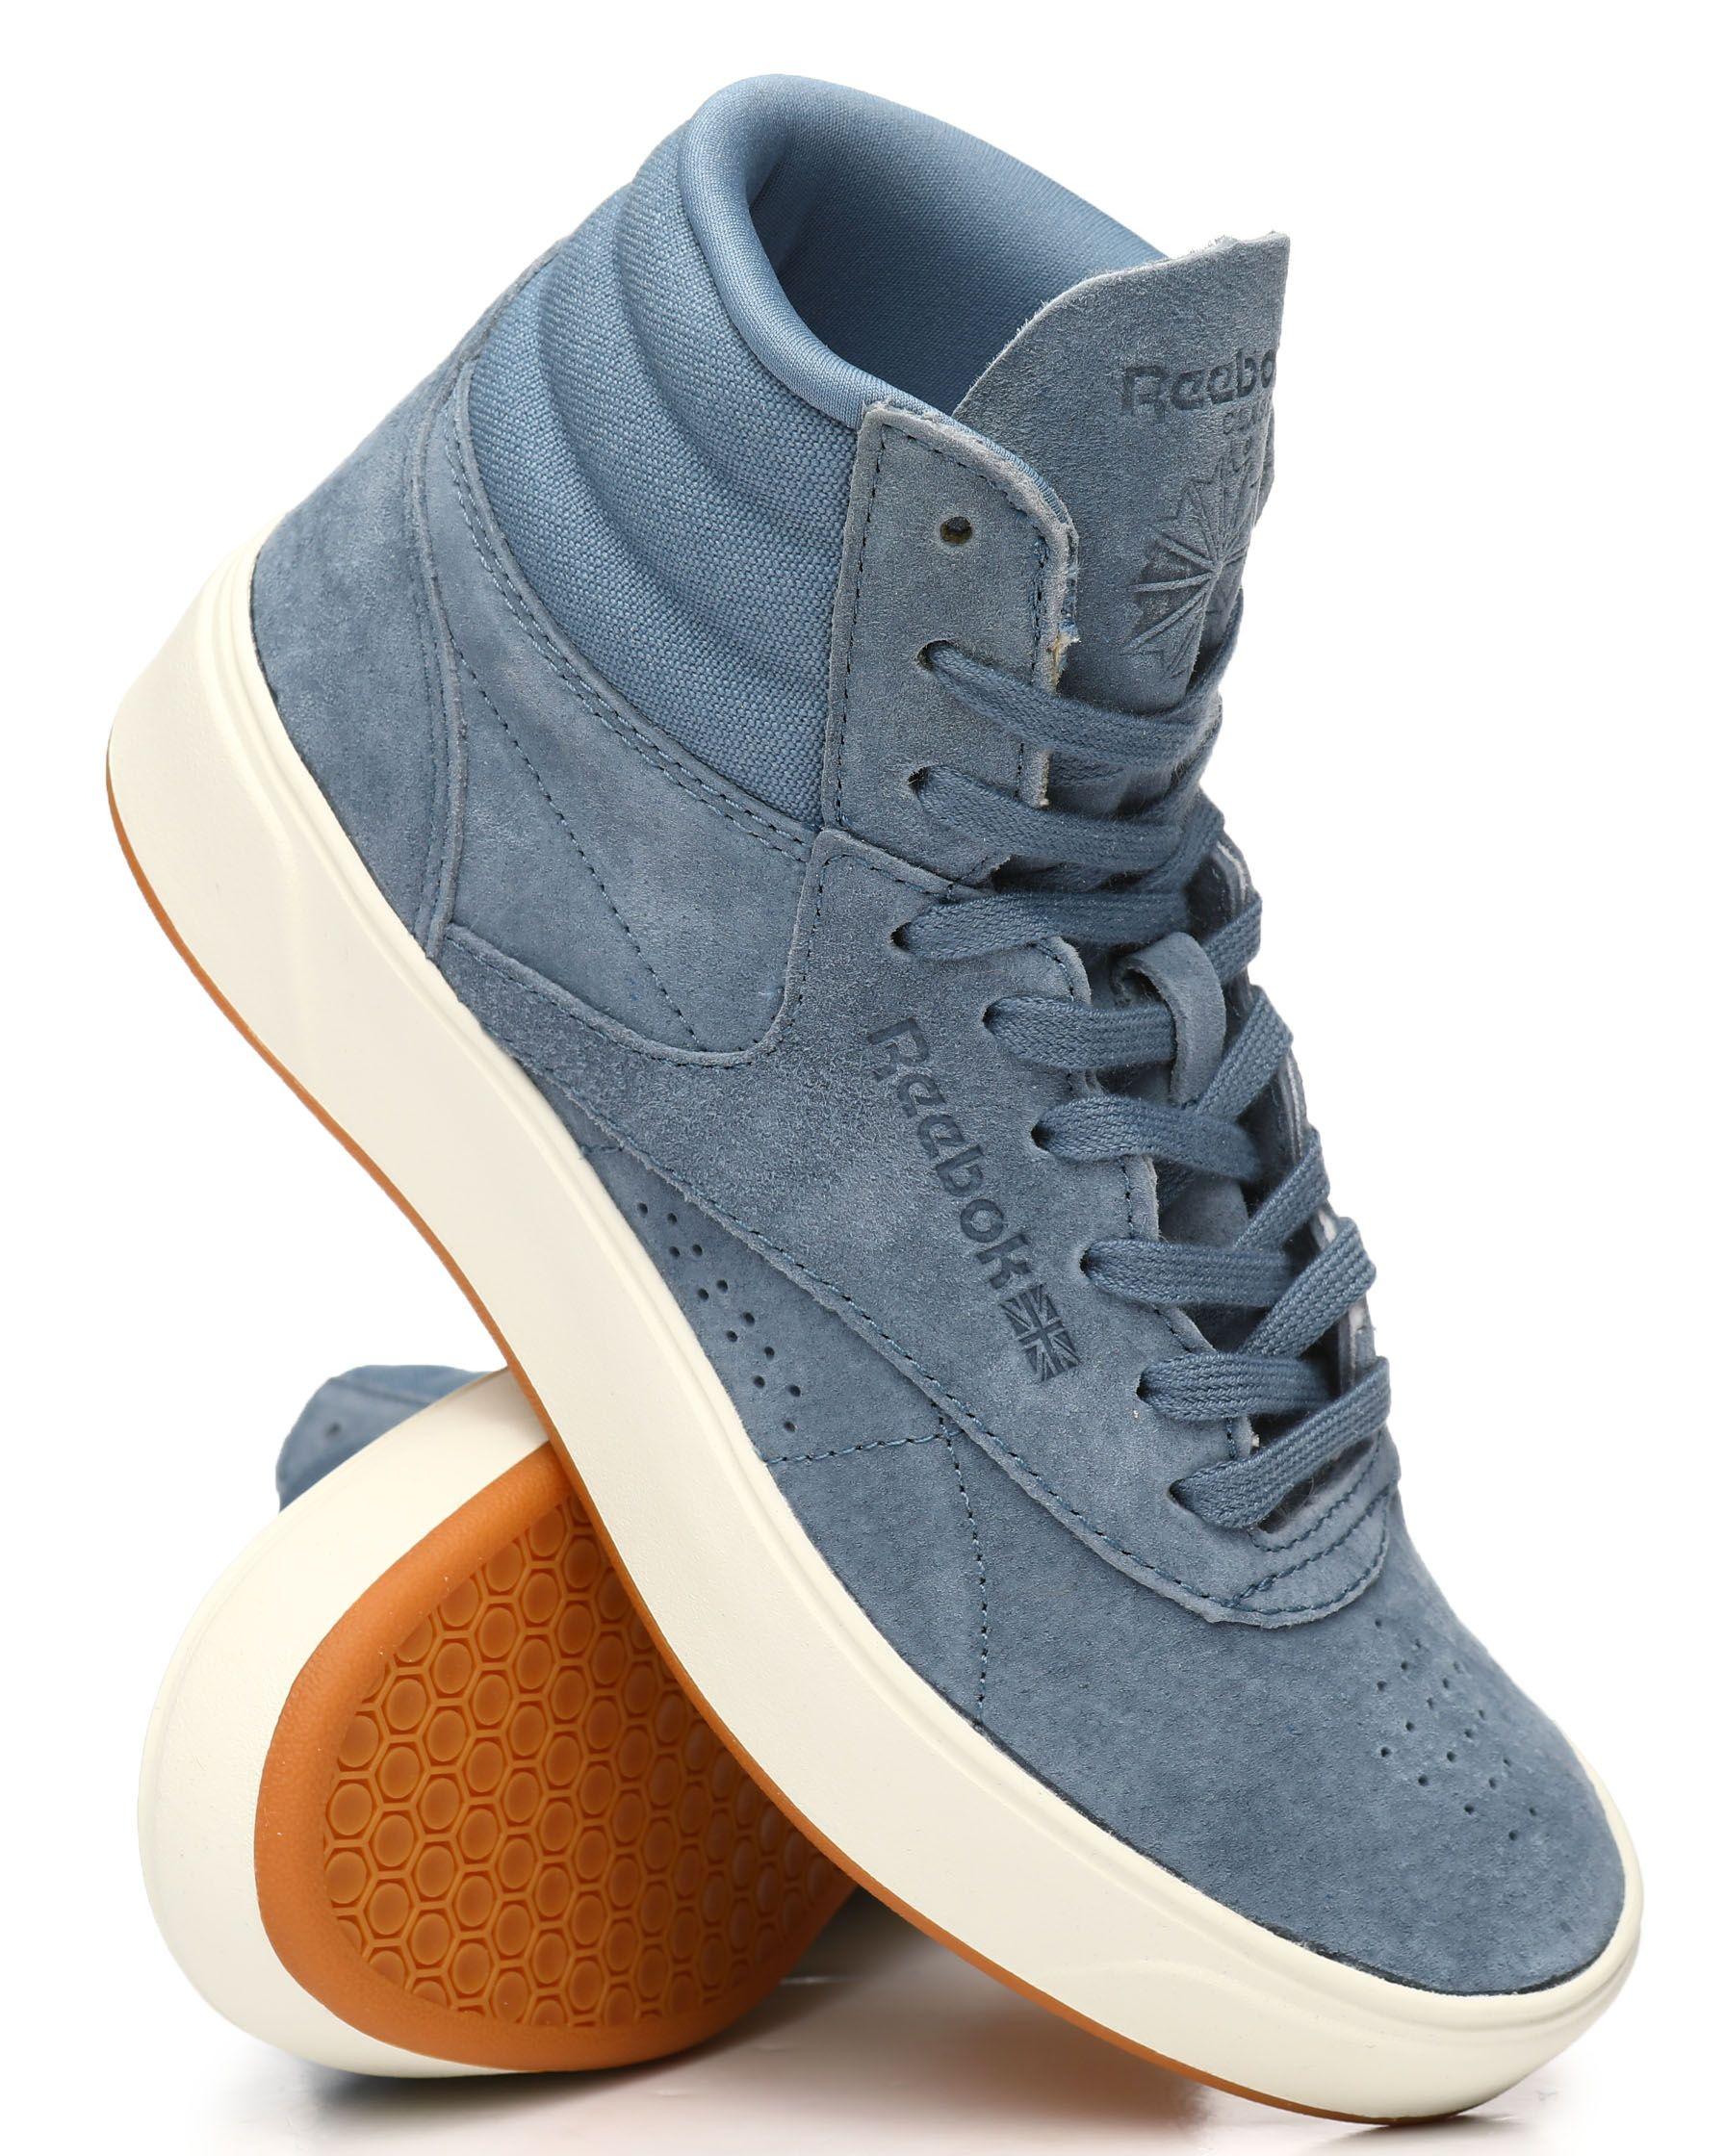 Freestyle Hi Nova Sneakers Women s Footwear from Reebok at DrJays ... c482209f9